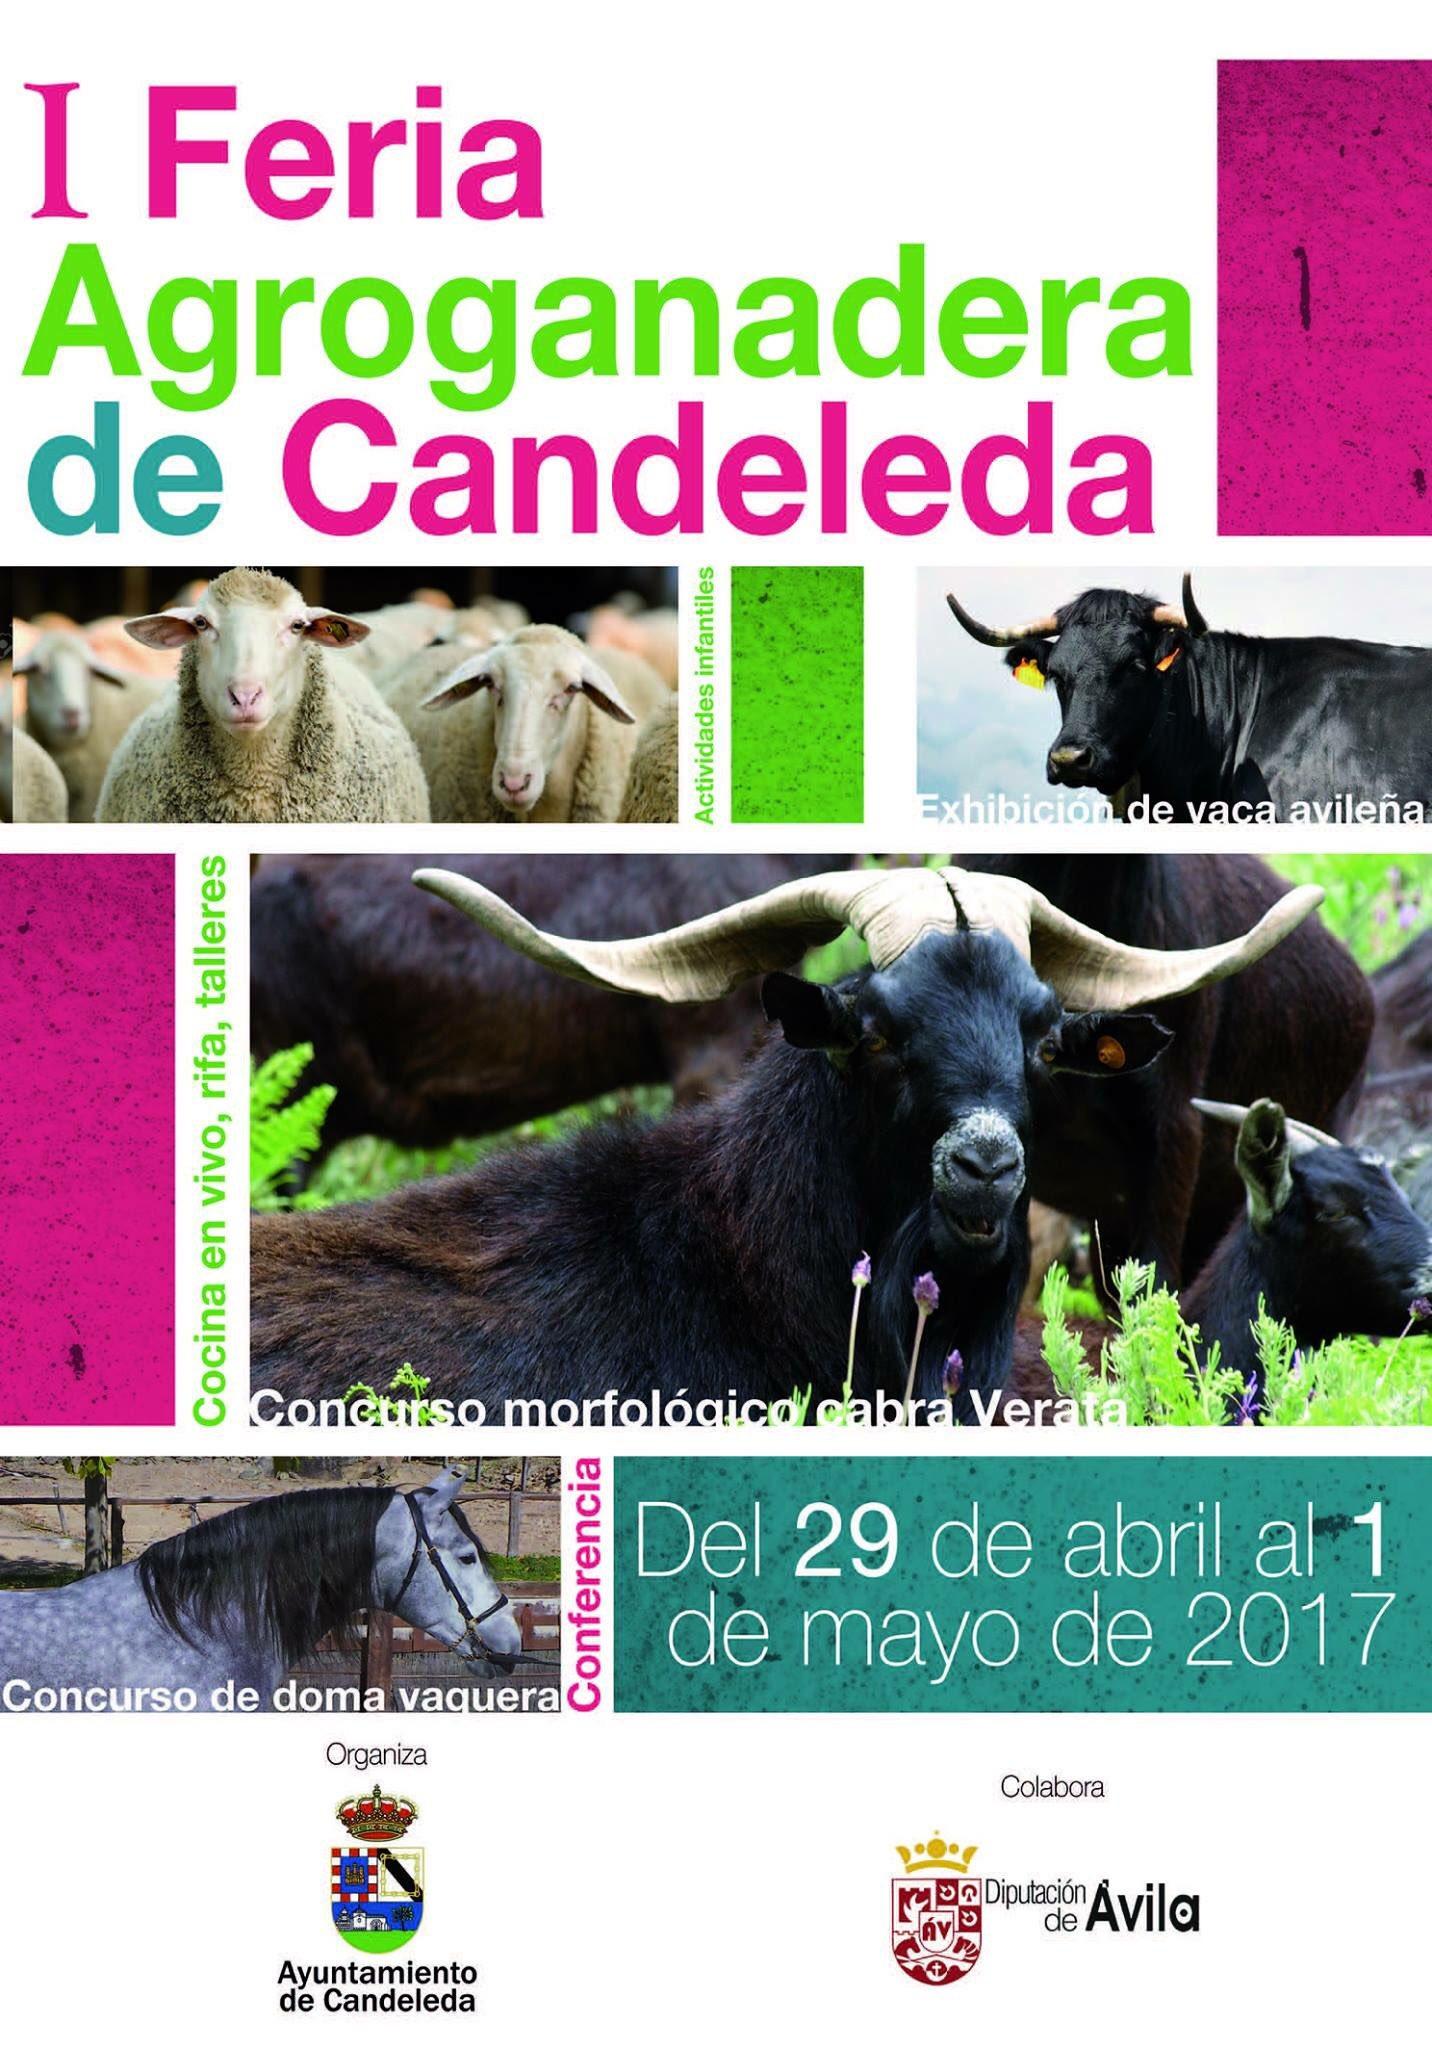 Feria Agroganadera en Candeleda